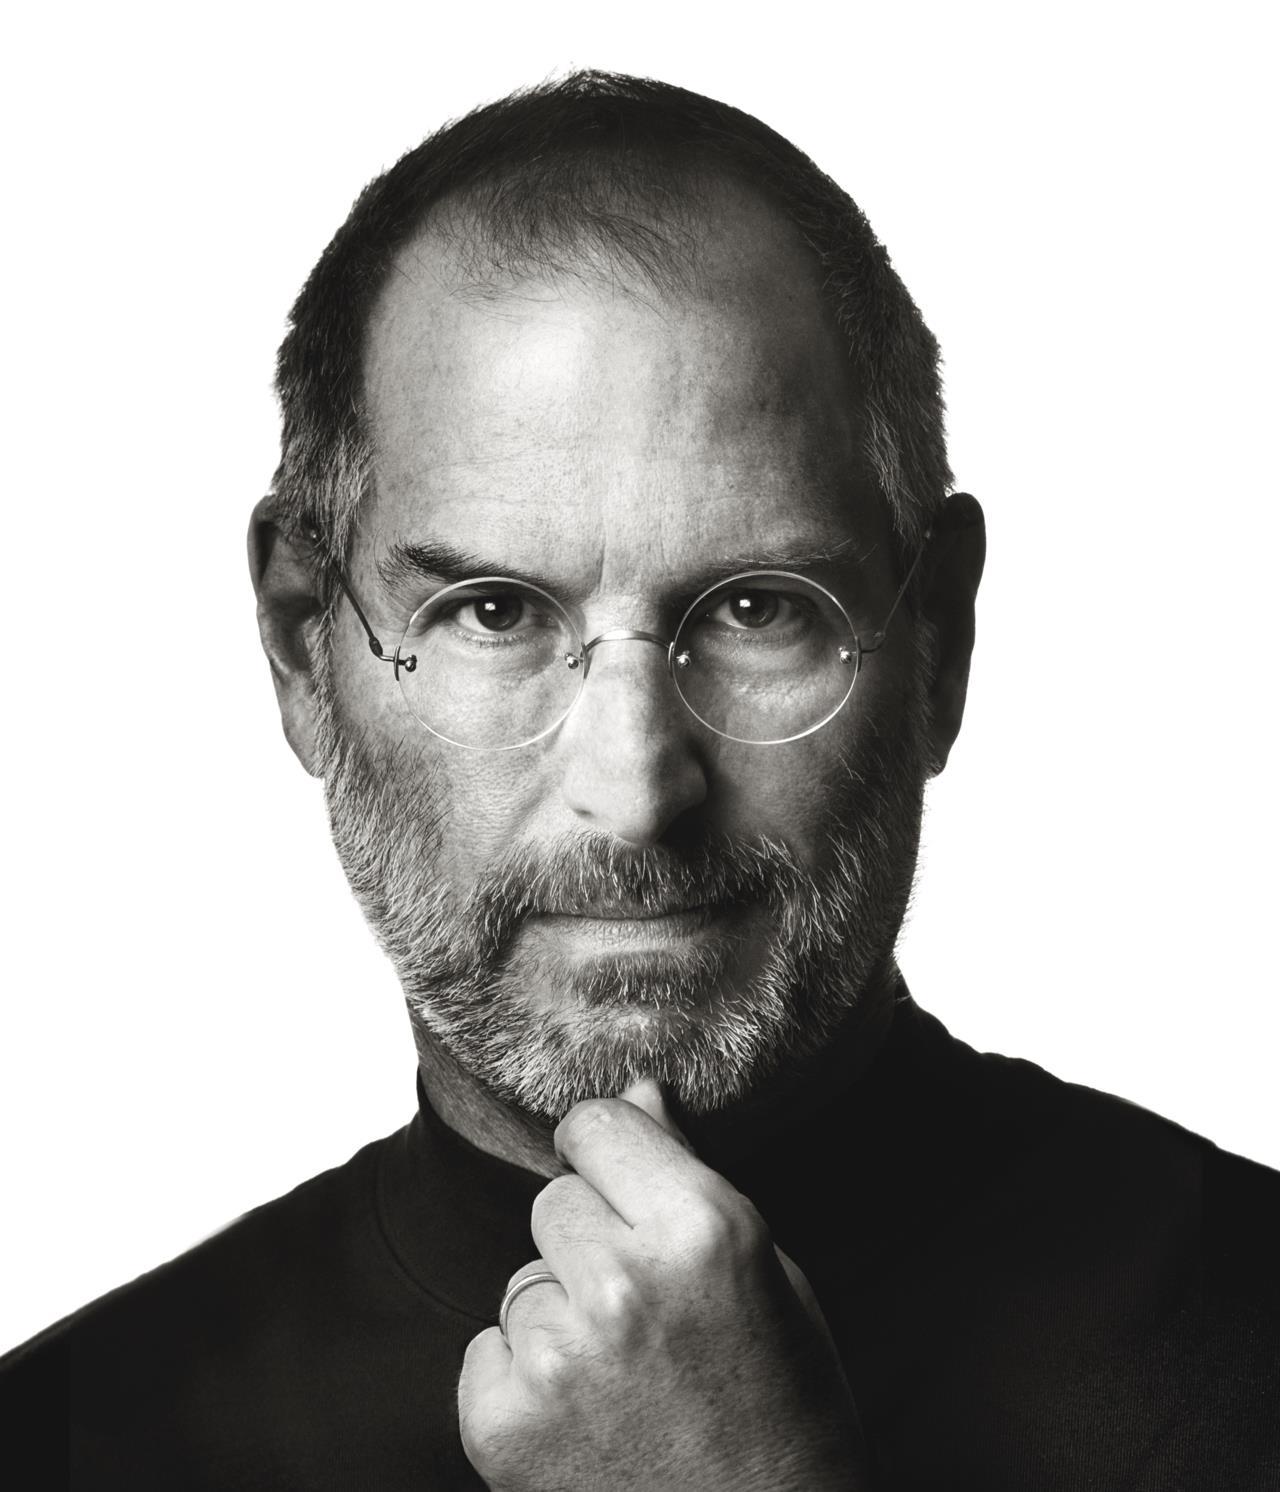 Iconic: Steve Jobs by Albert Watson (2006)